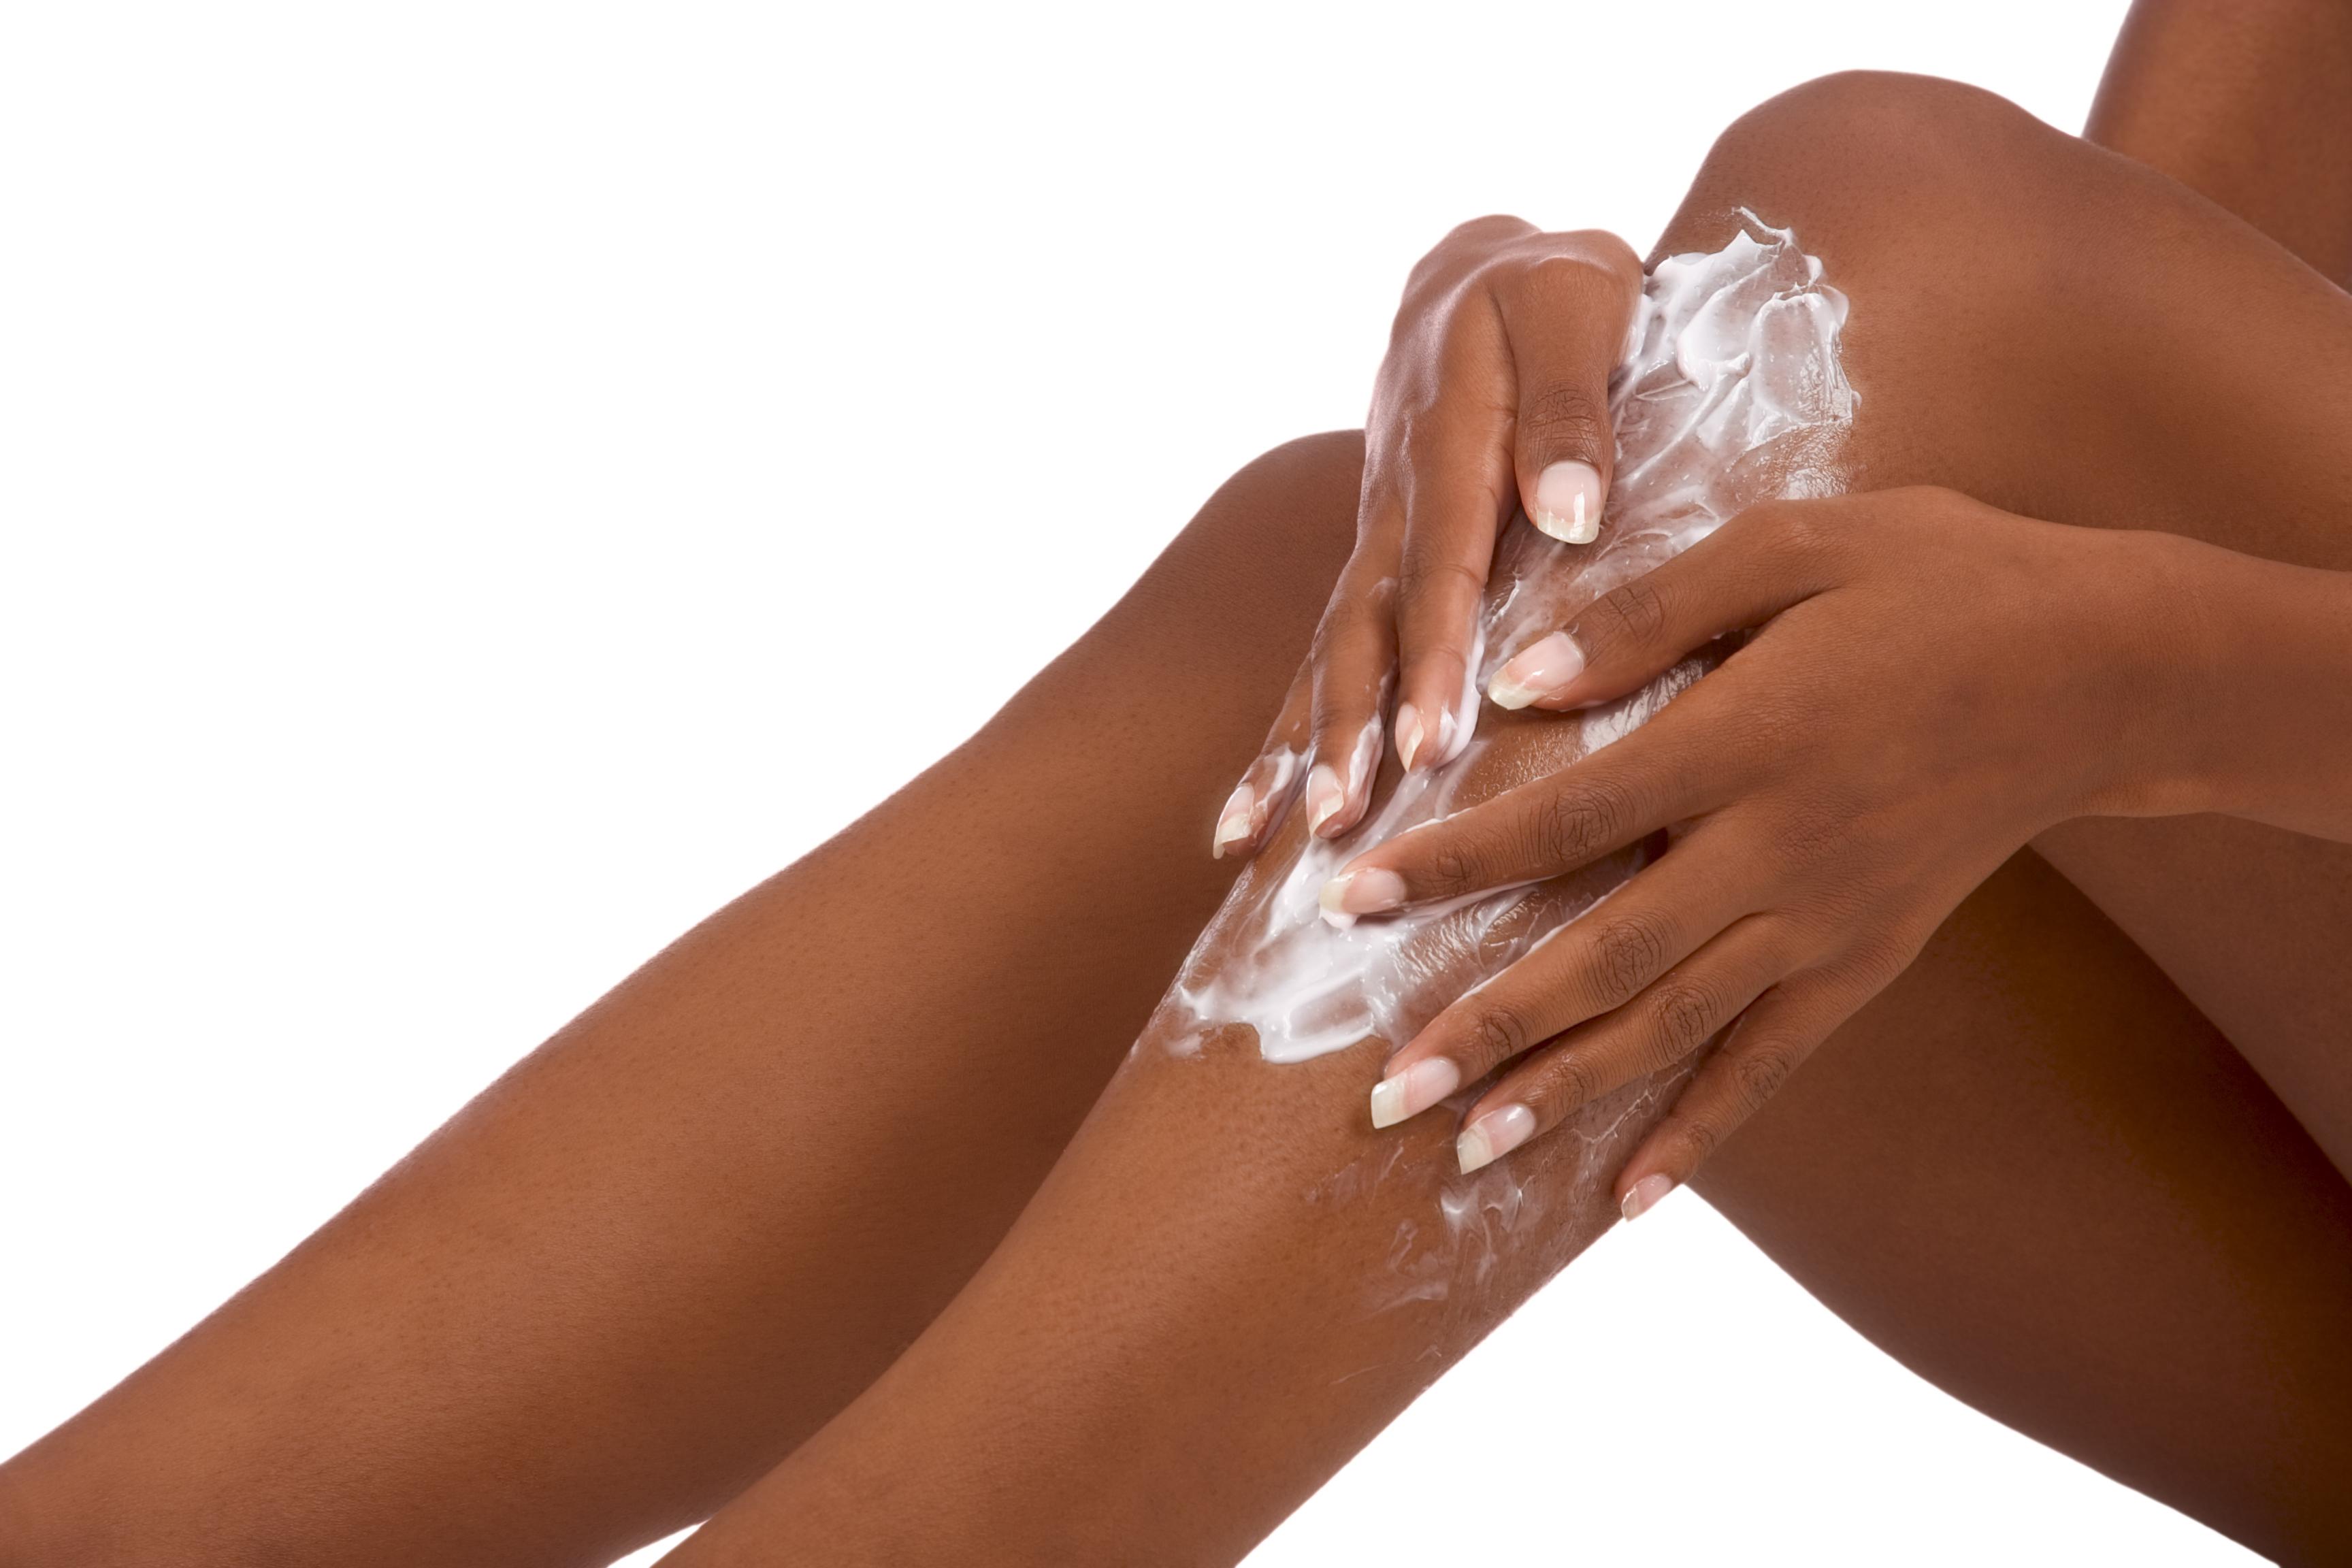 Hidratação do corpo no inverno - saúde e doenças de pele